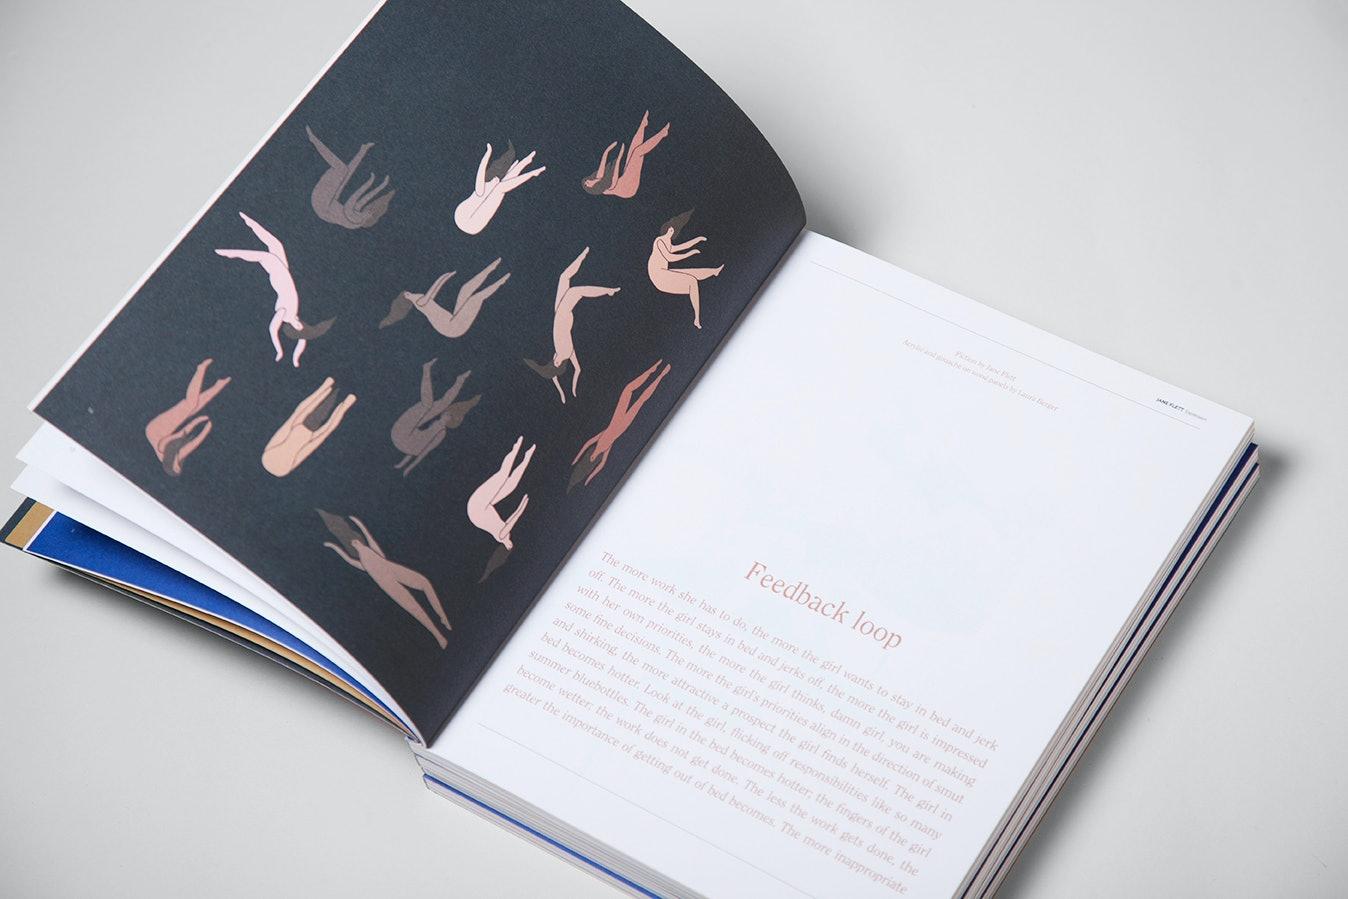 autodidact-magazine-jane-flett